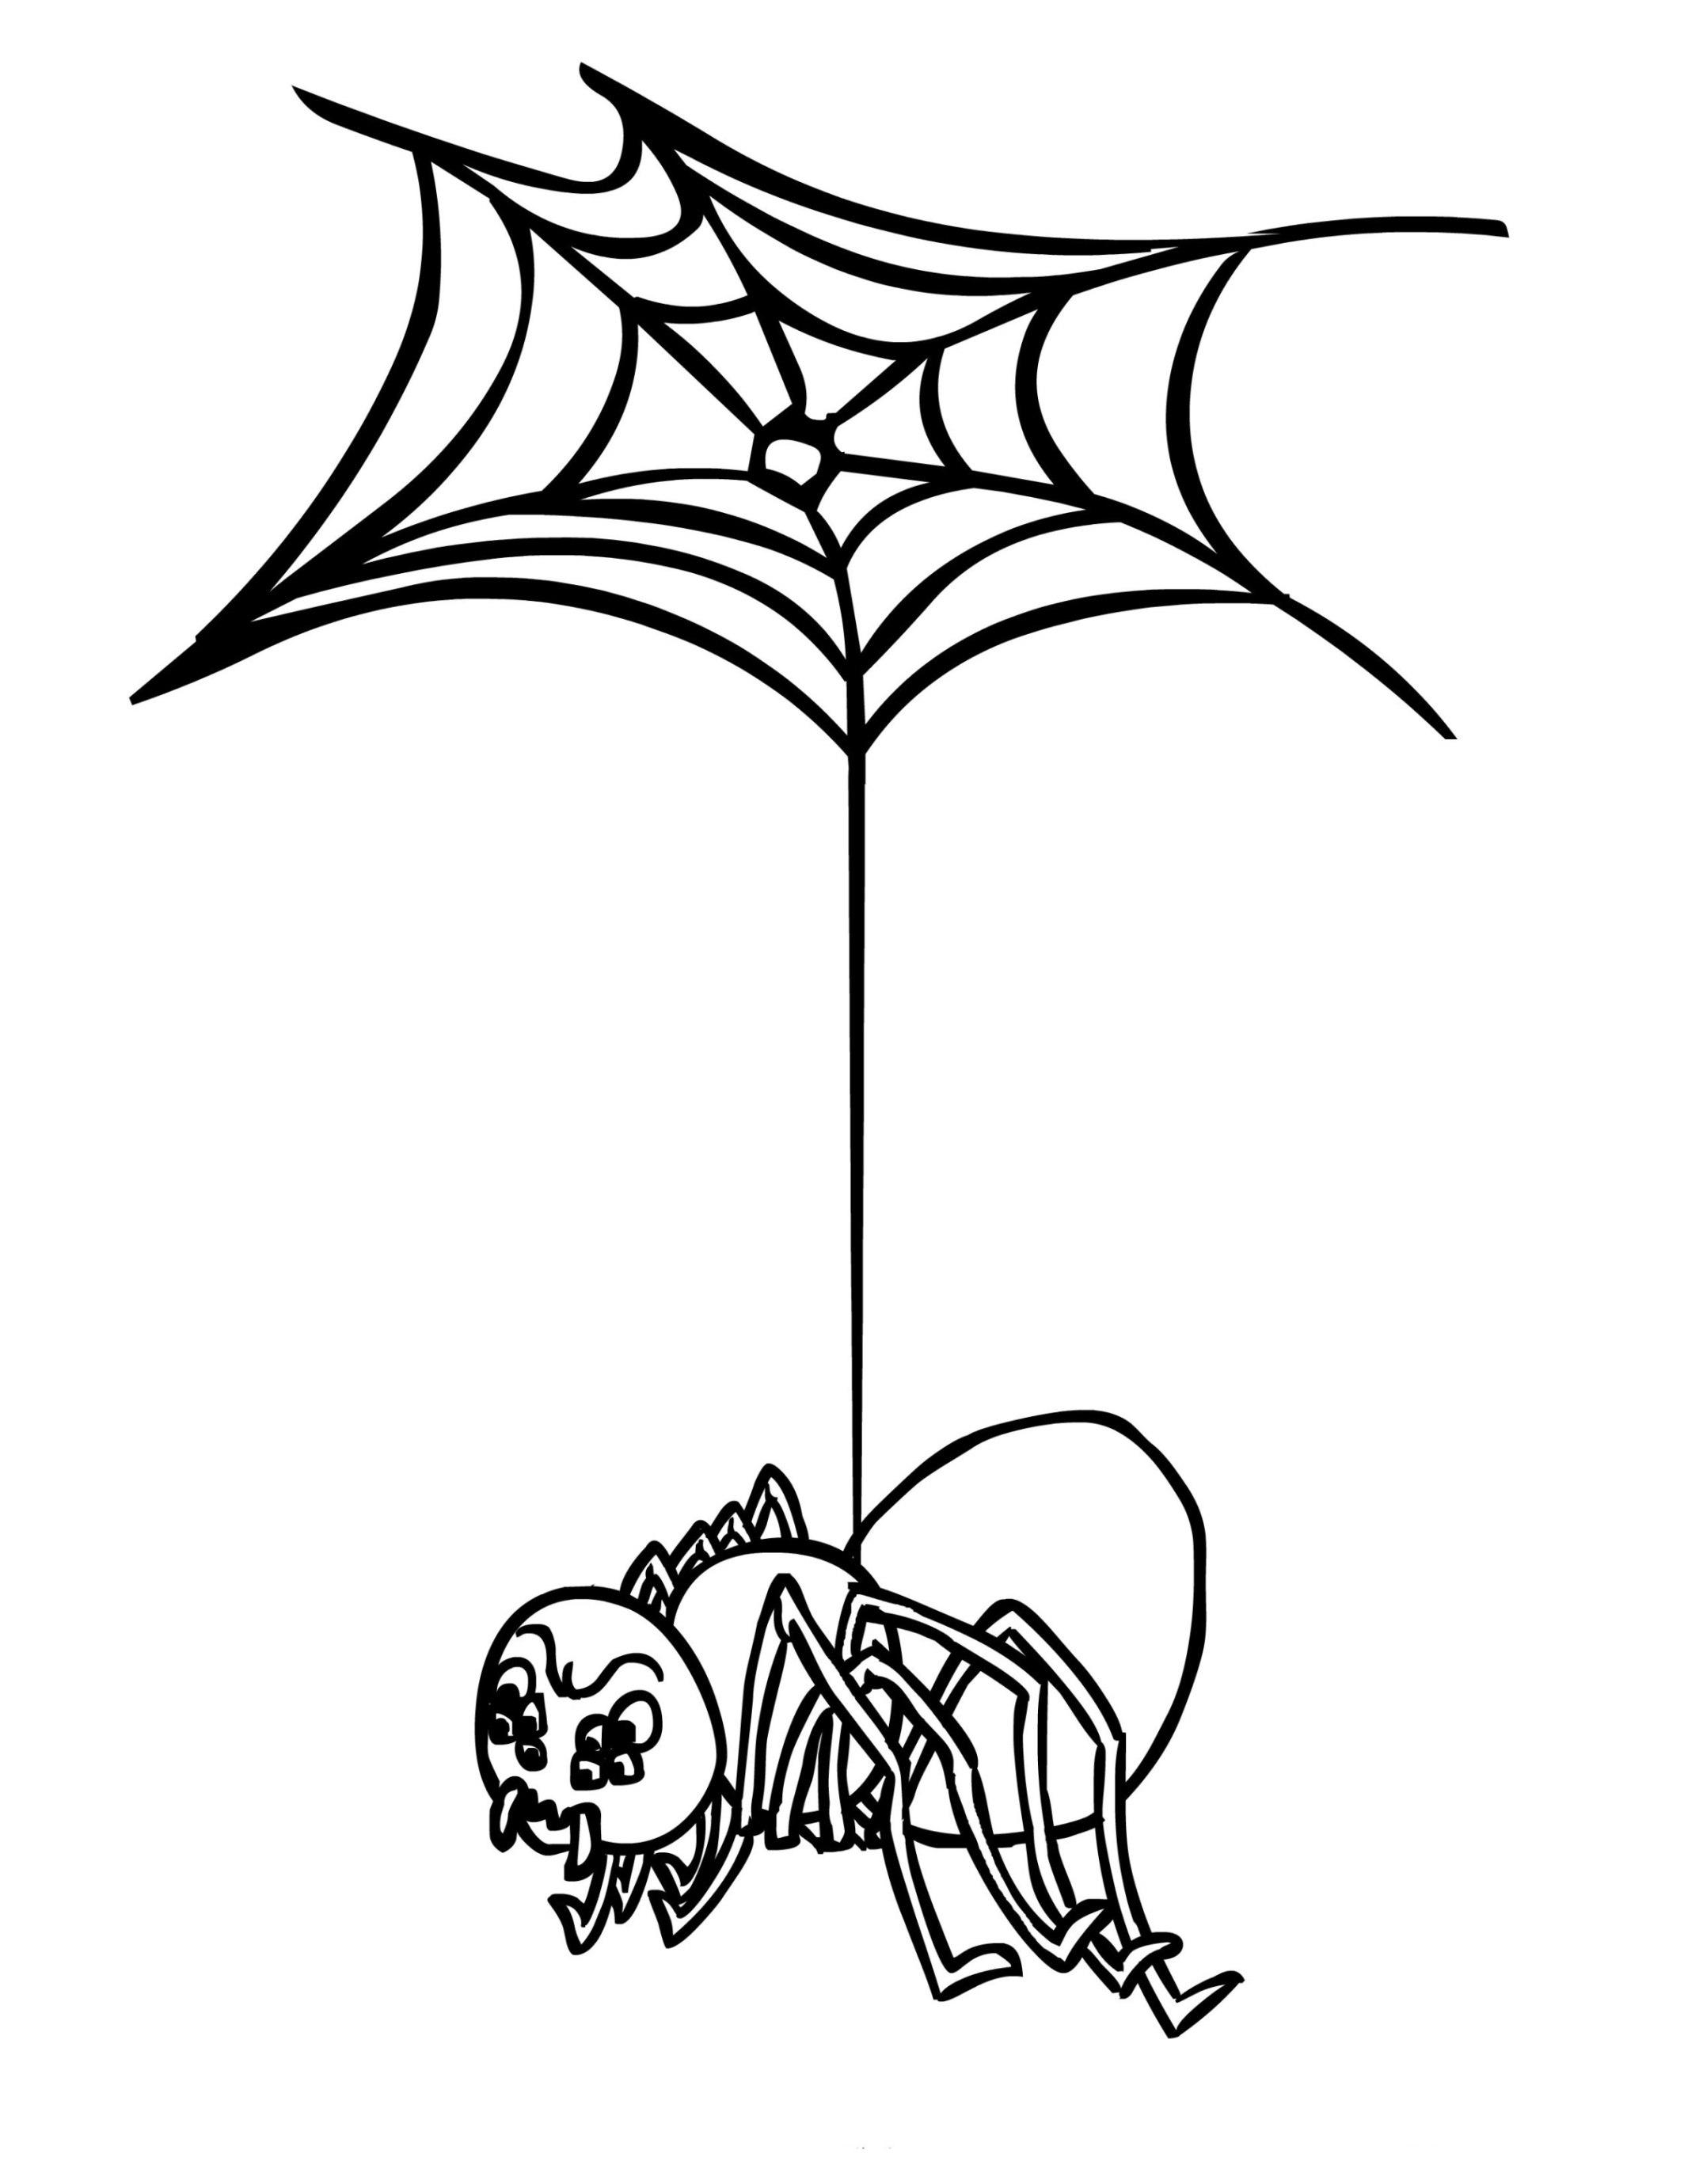 Malvorlagen zum Drucken Ausmalbild Spinne kostenlos 2